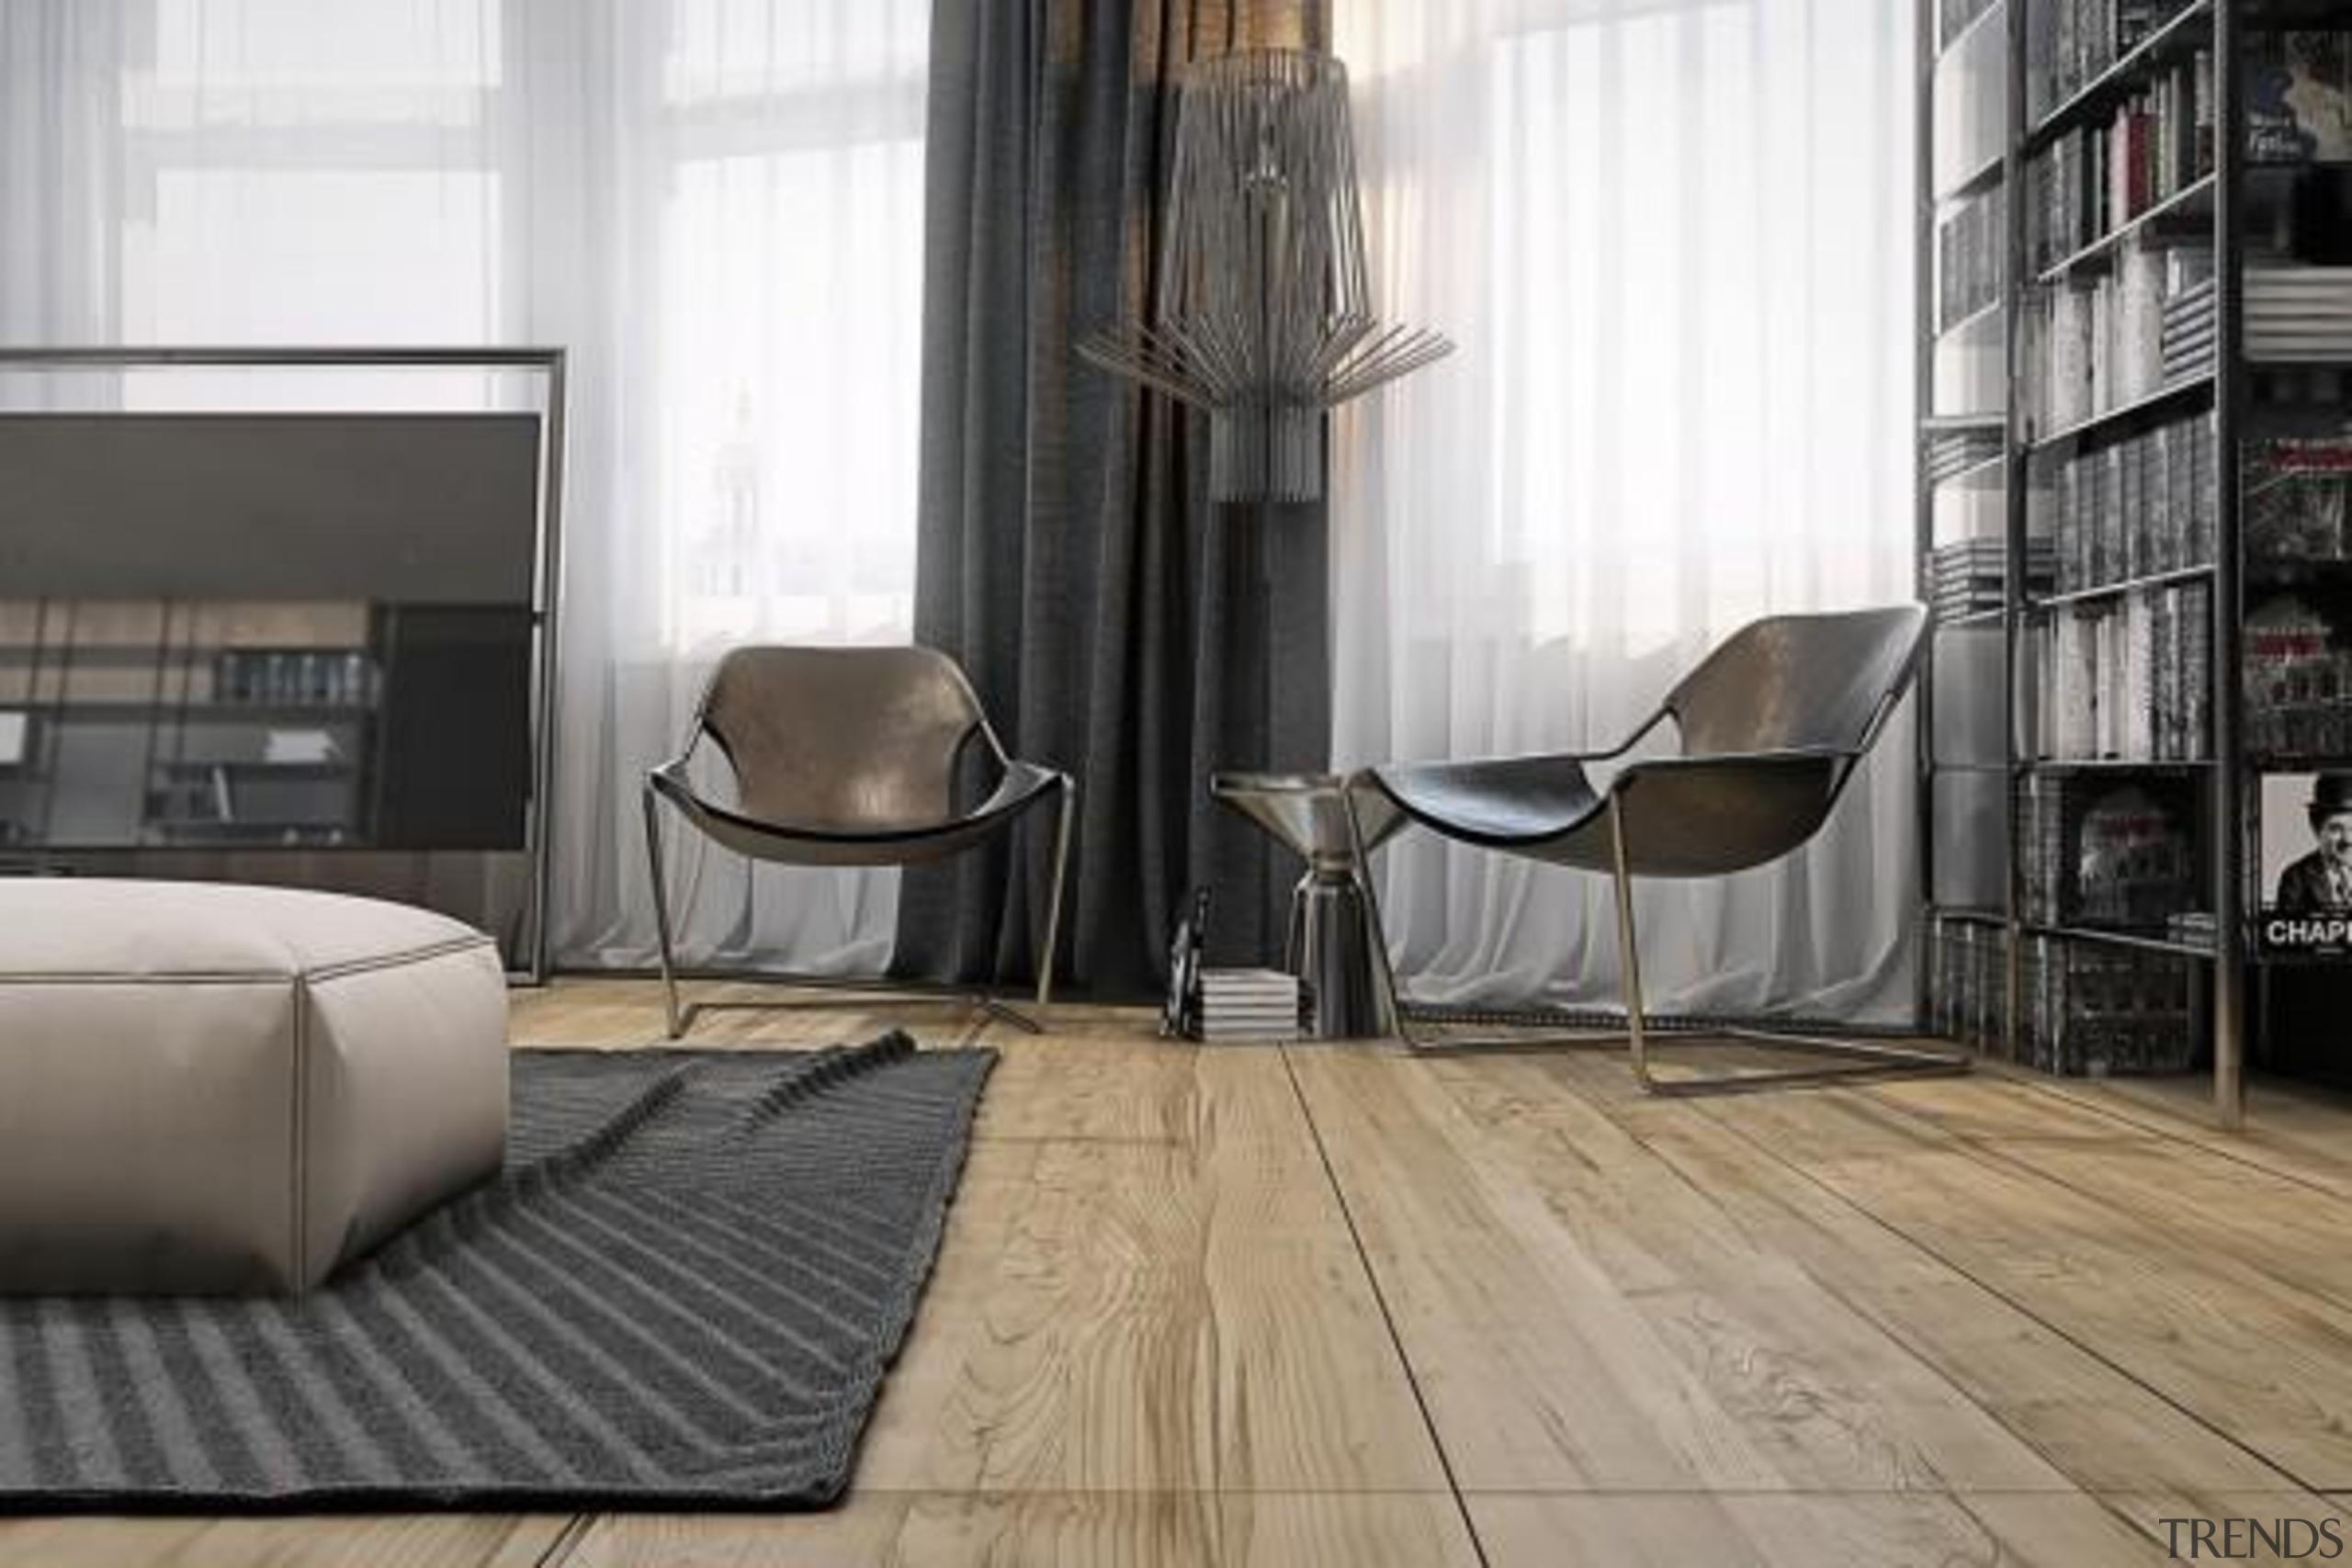 leatherslingchairs600x4001.jpg - leatherslingchairs600x4001.jpg - architecture   chair   architecture, chair, floor, flooring, furniture, hardwood, interior design, laminate flooring, living room, table, tile, window, wood, wood flooring, white, black